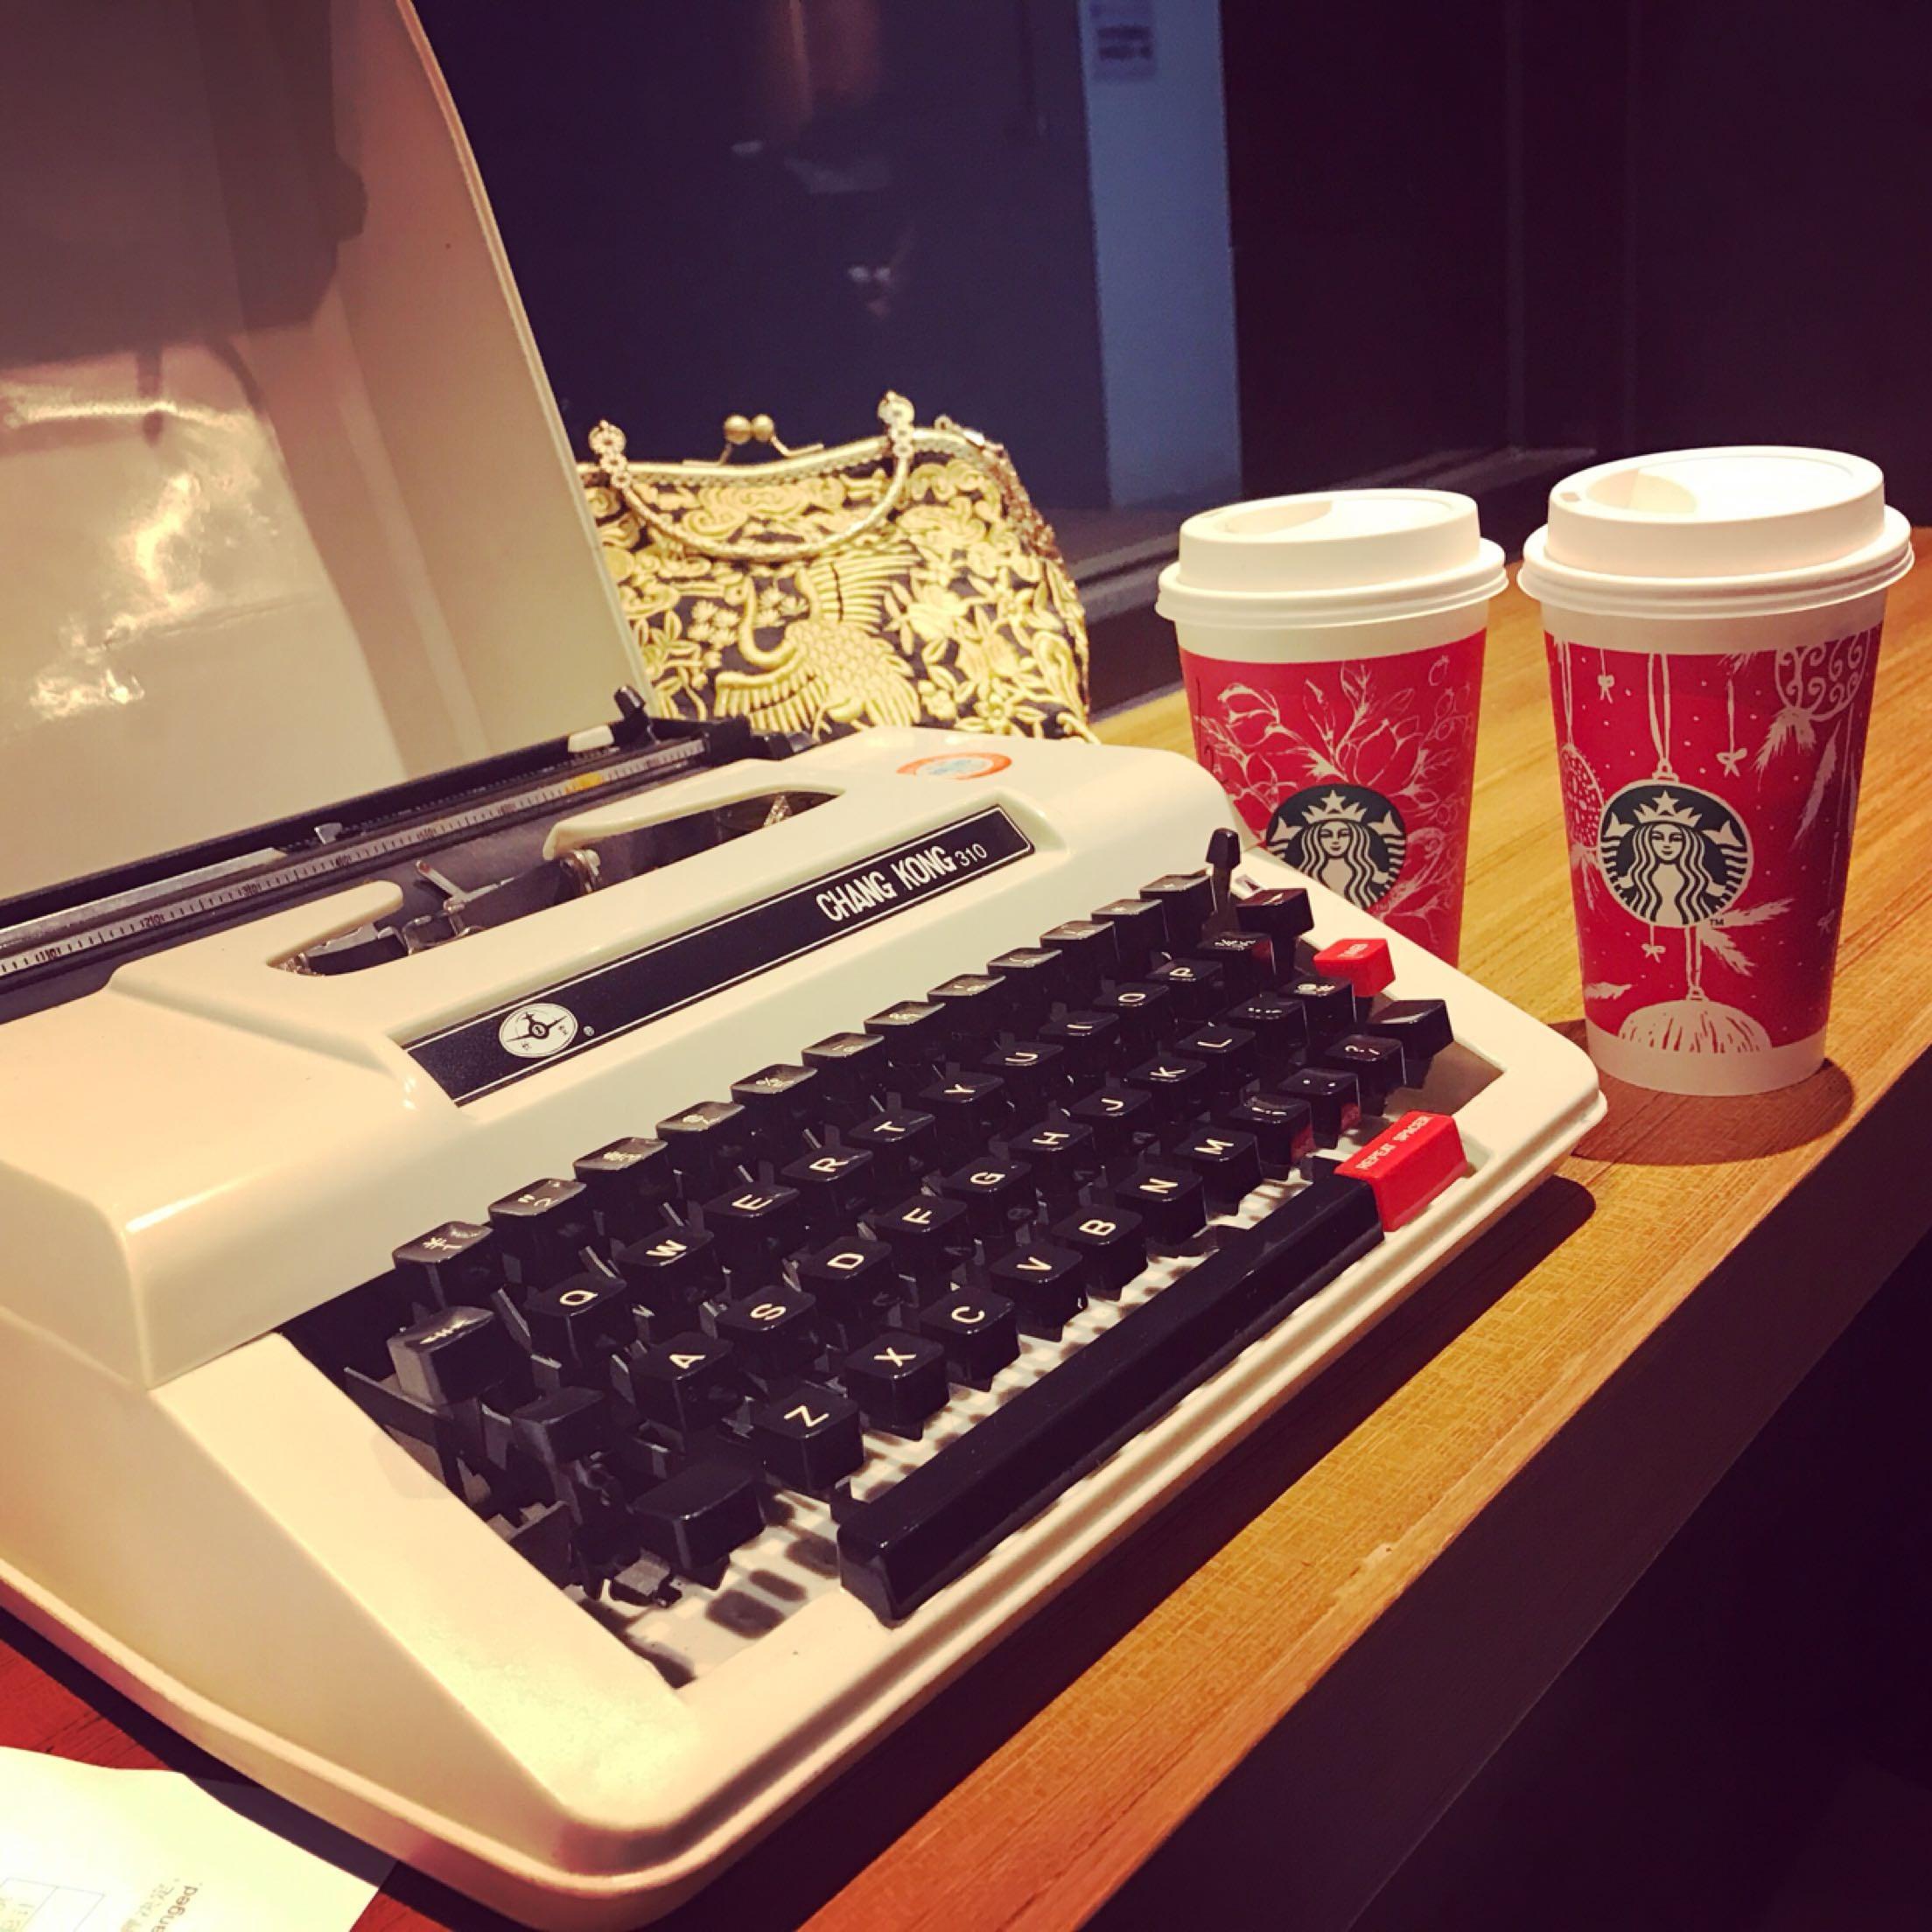 橱窗手动收藏可用打印西洋摆件复古打字机复古可打字酒吧咖啡馆摄